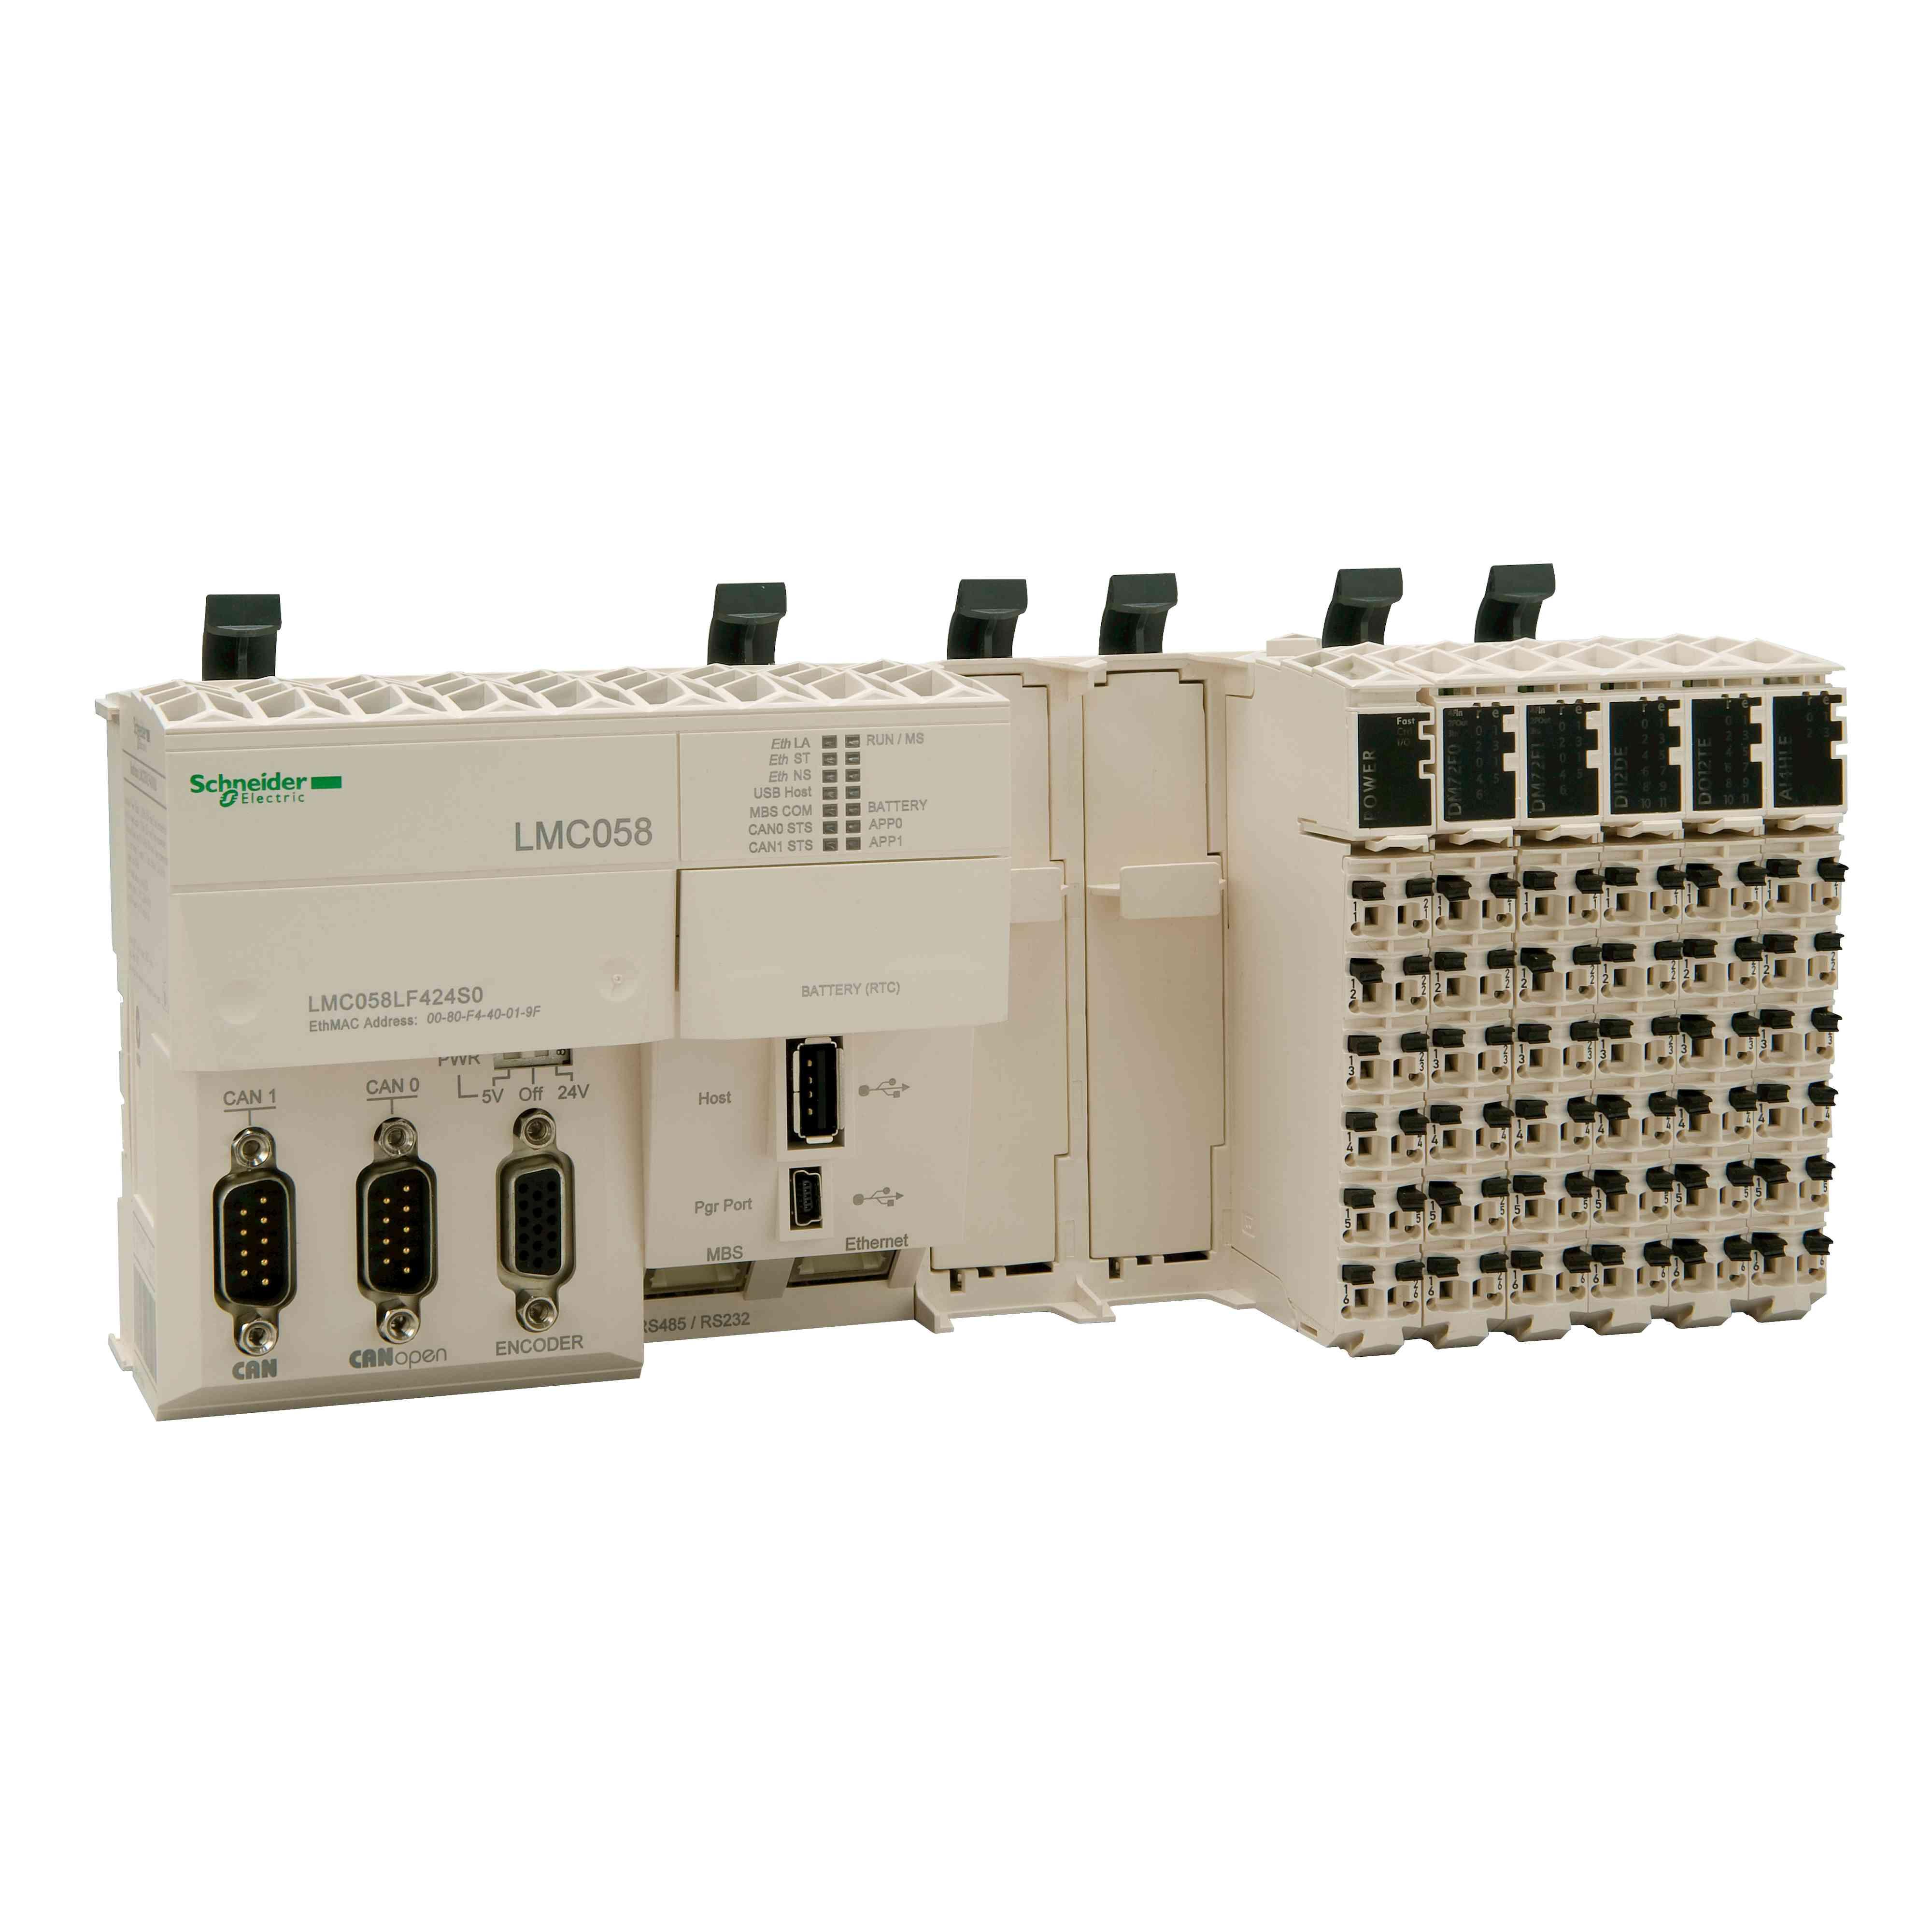 Kompaktna baza - 42 + 4 I/O - napajanje 24 V DC - 2 reži za PCI